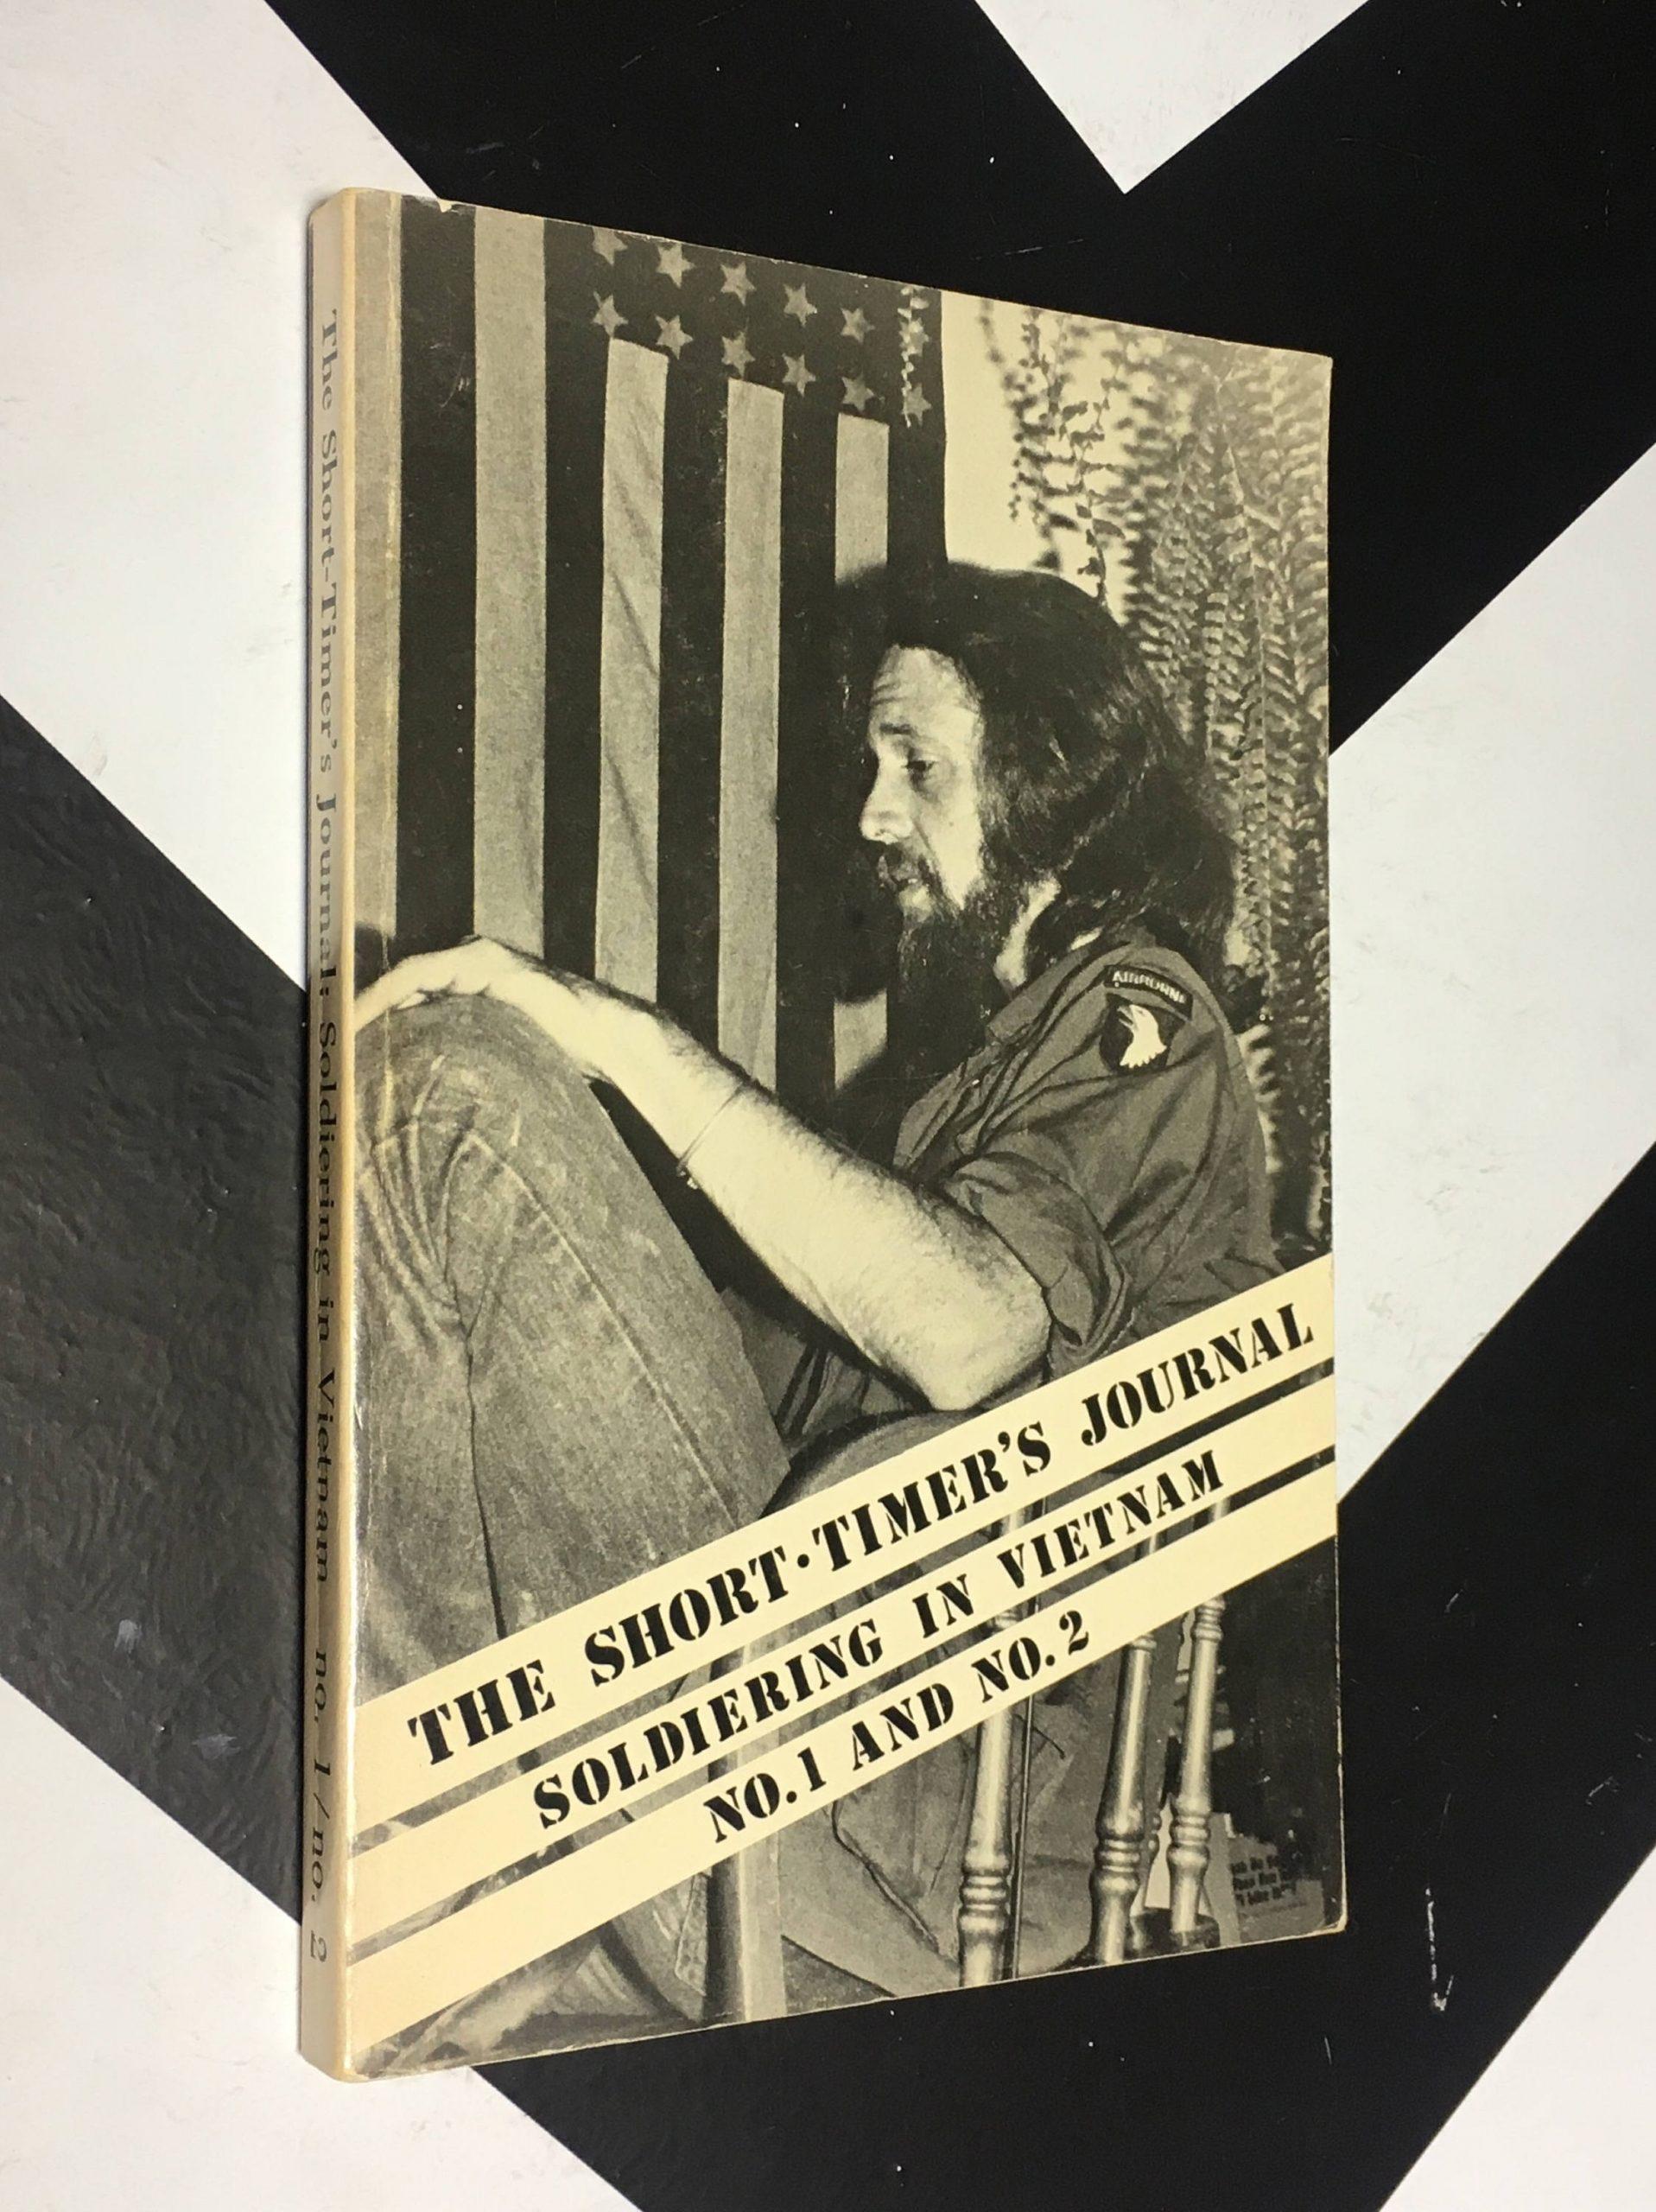 The Short-Timer'S Journal: Soldiering In Vietnam - Volume No